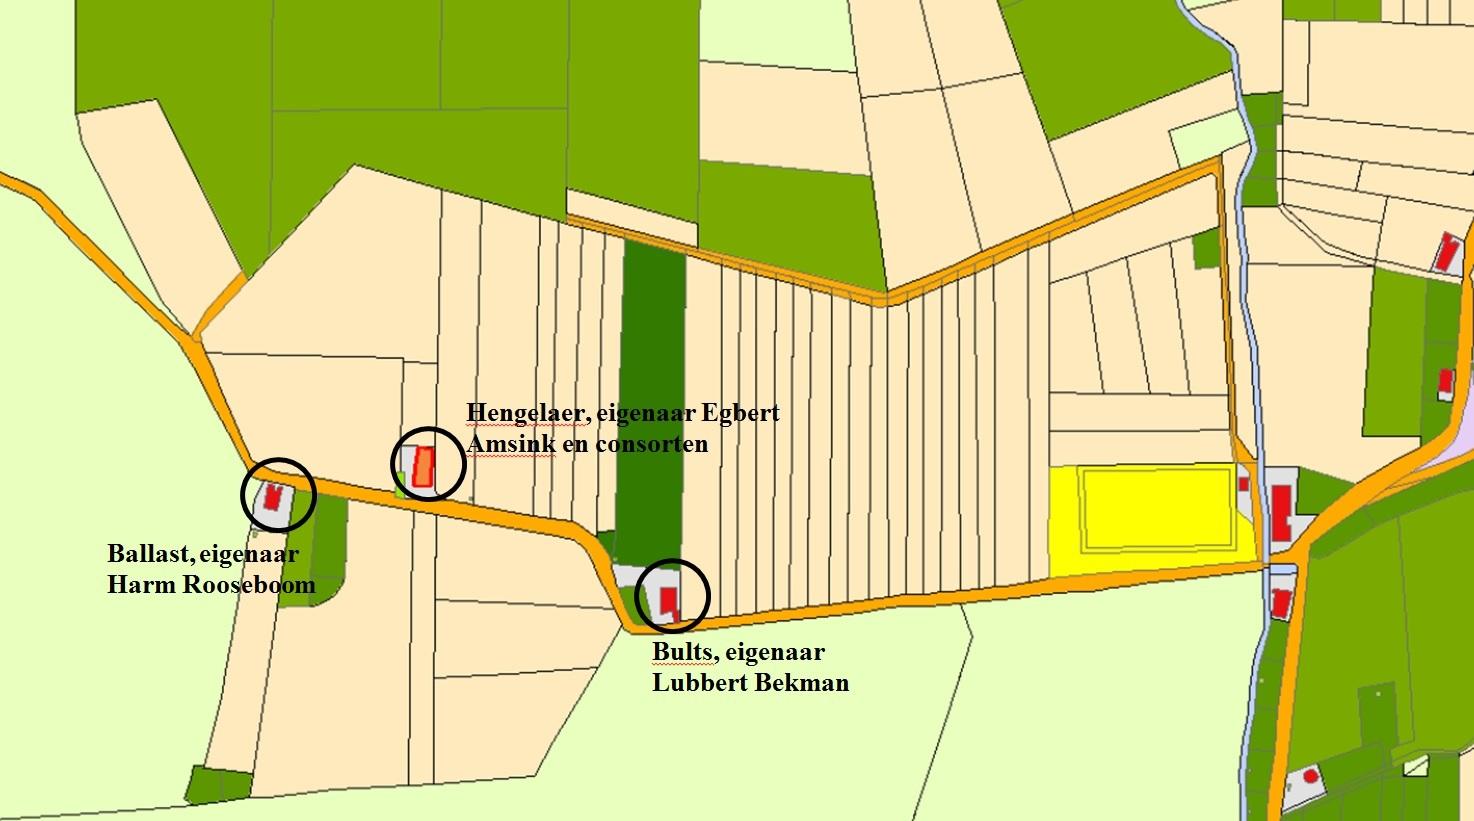 kaartfragment van de Ballast bij Coevorden